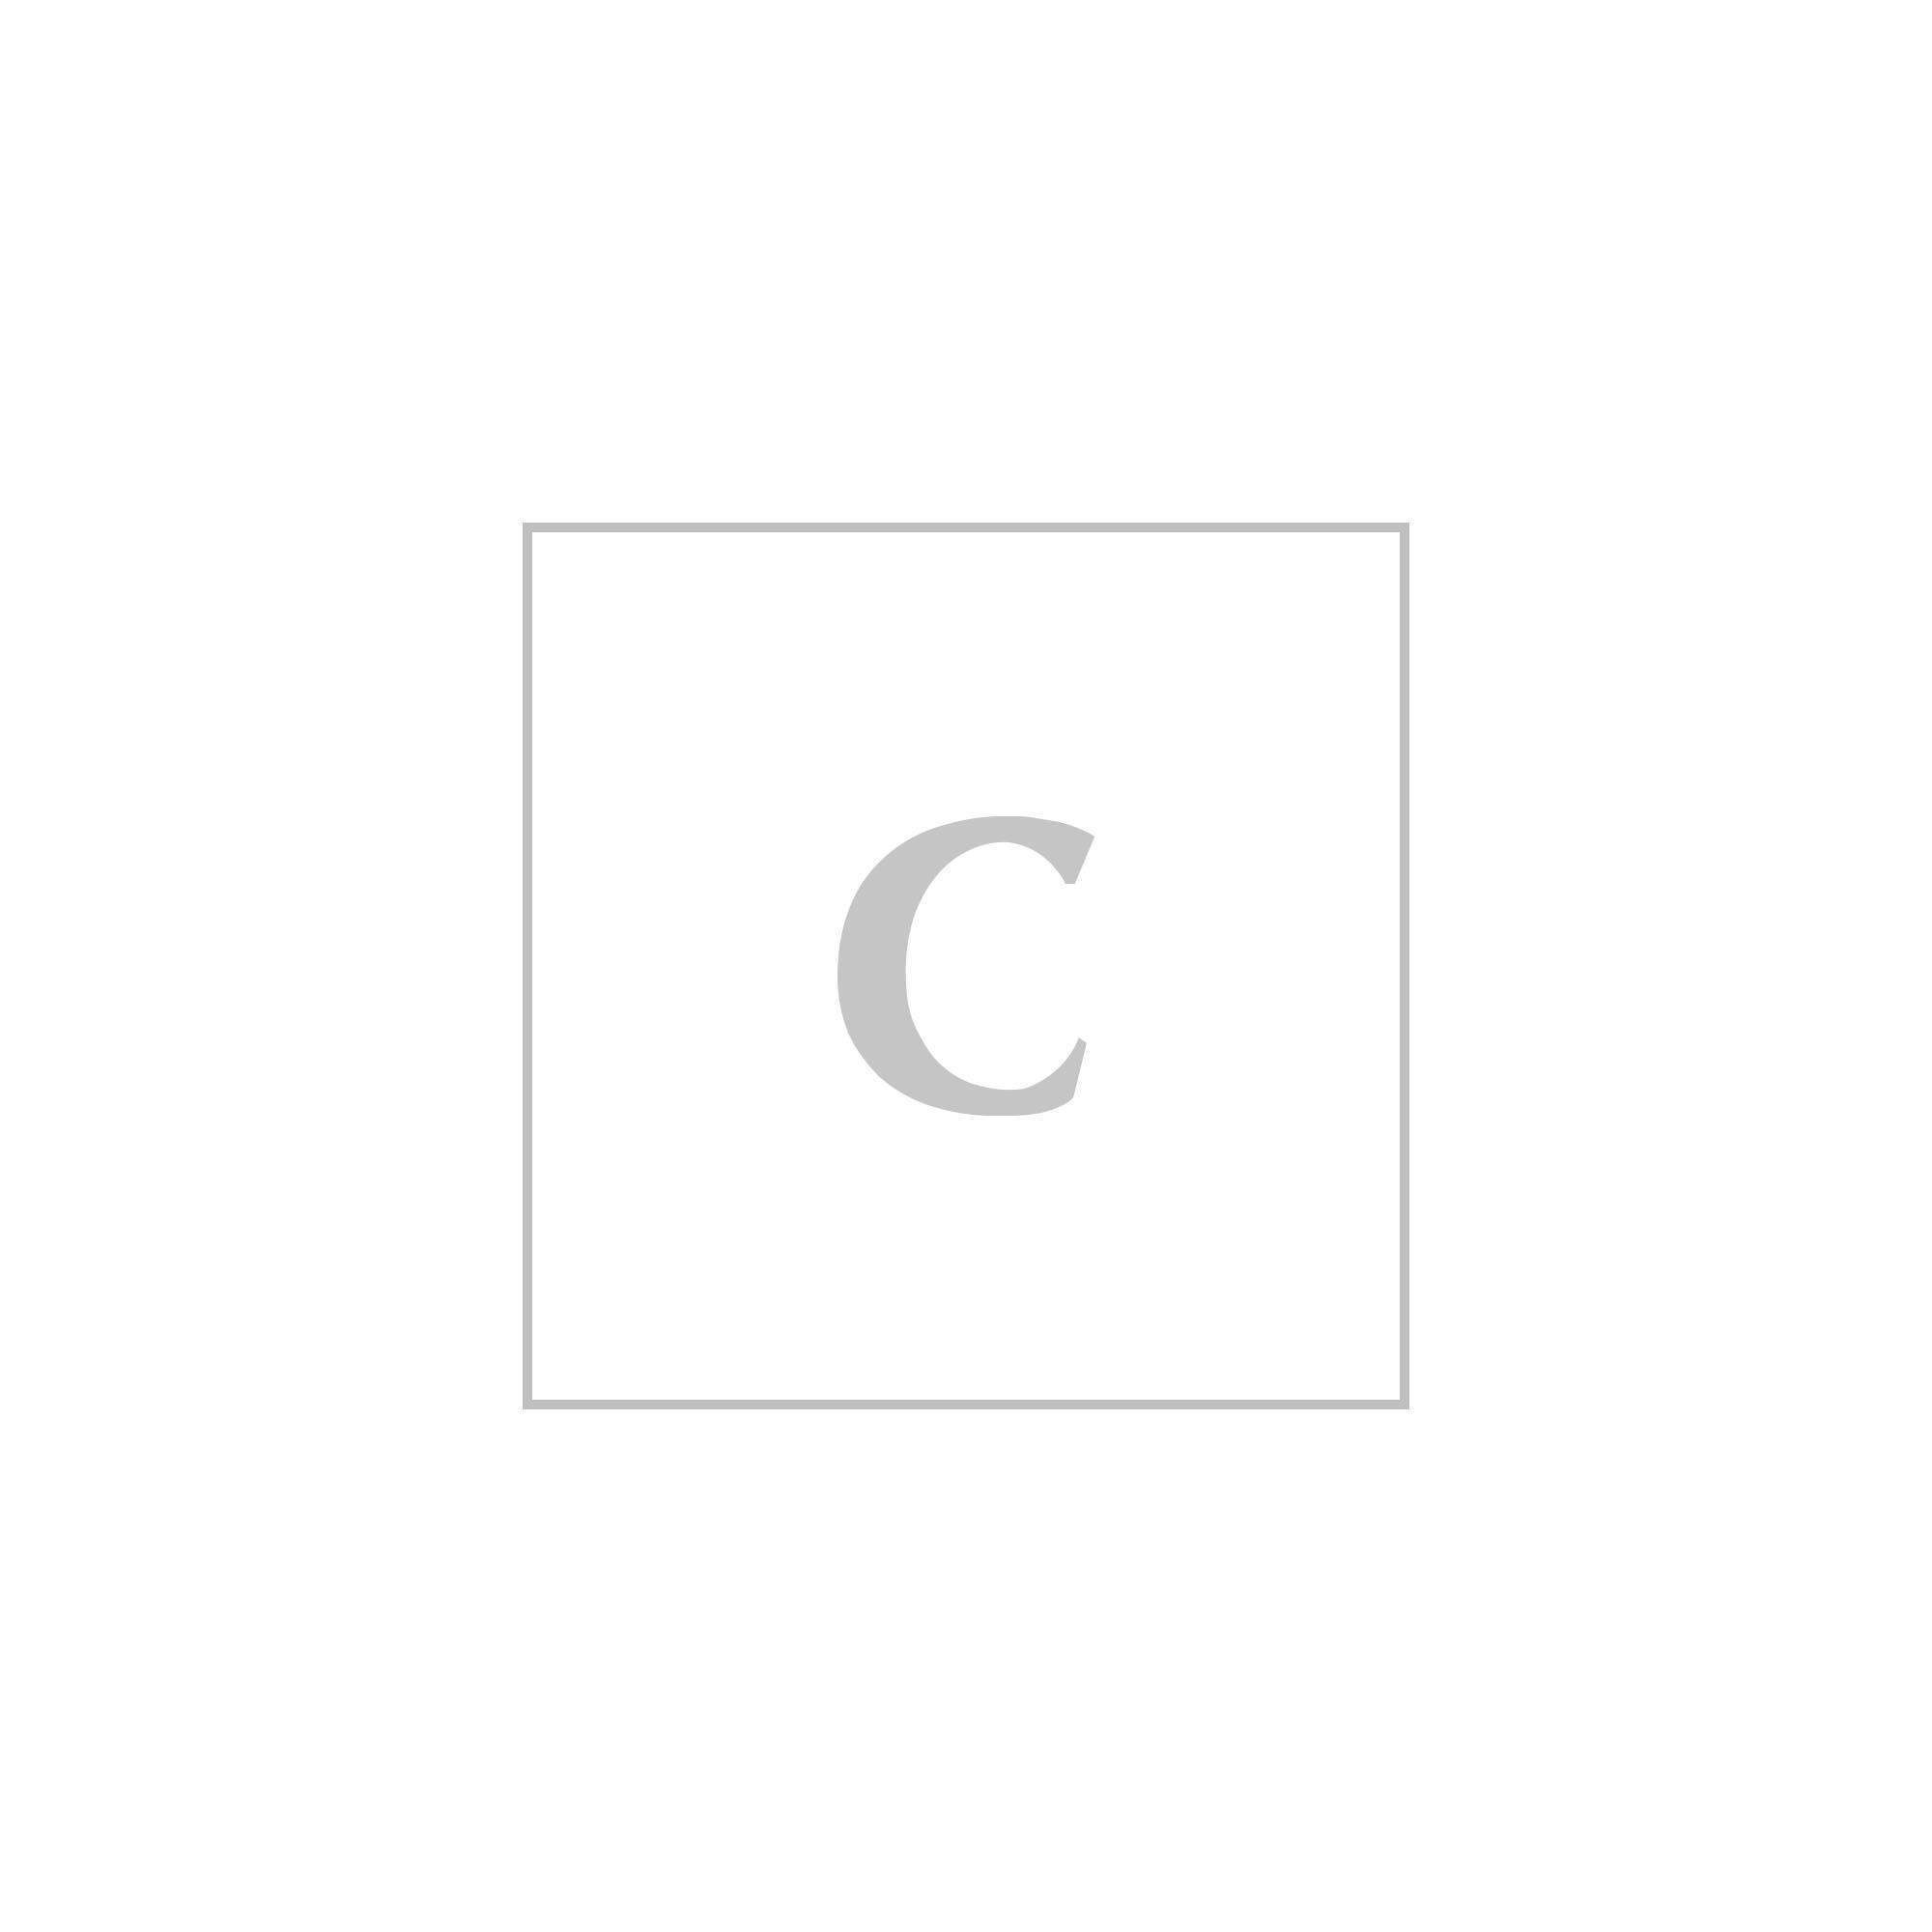 Capucci abito box bicolor